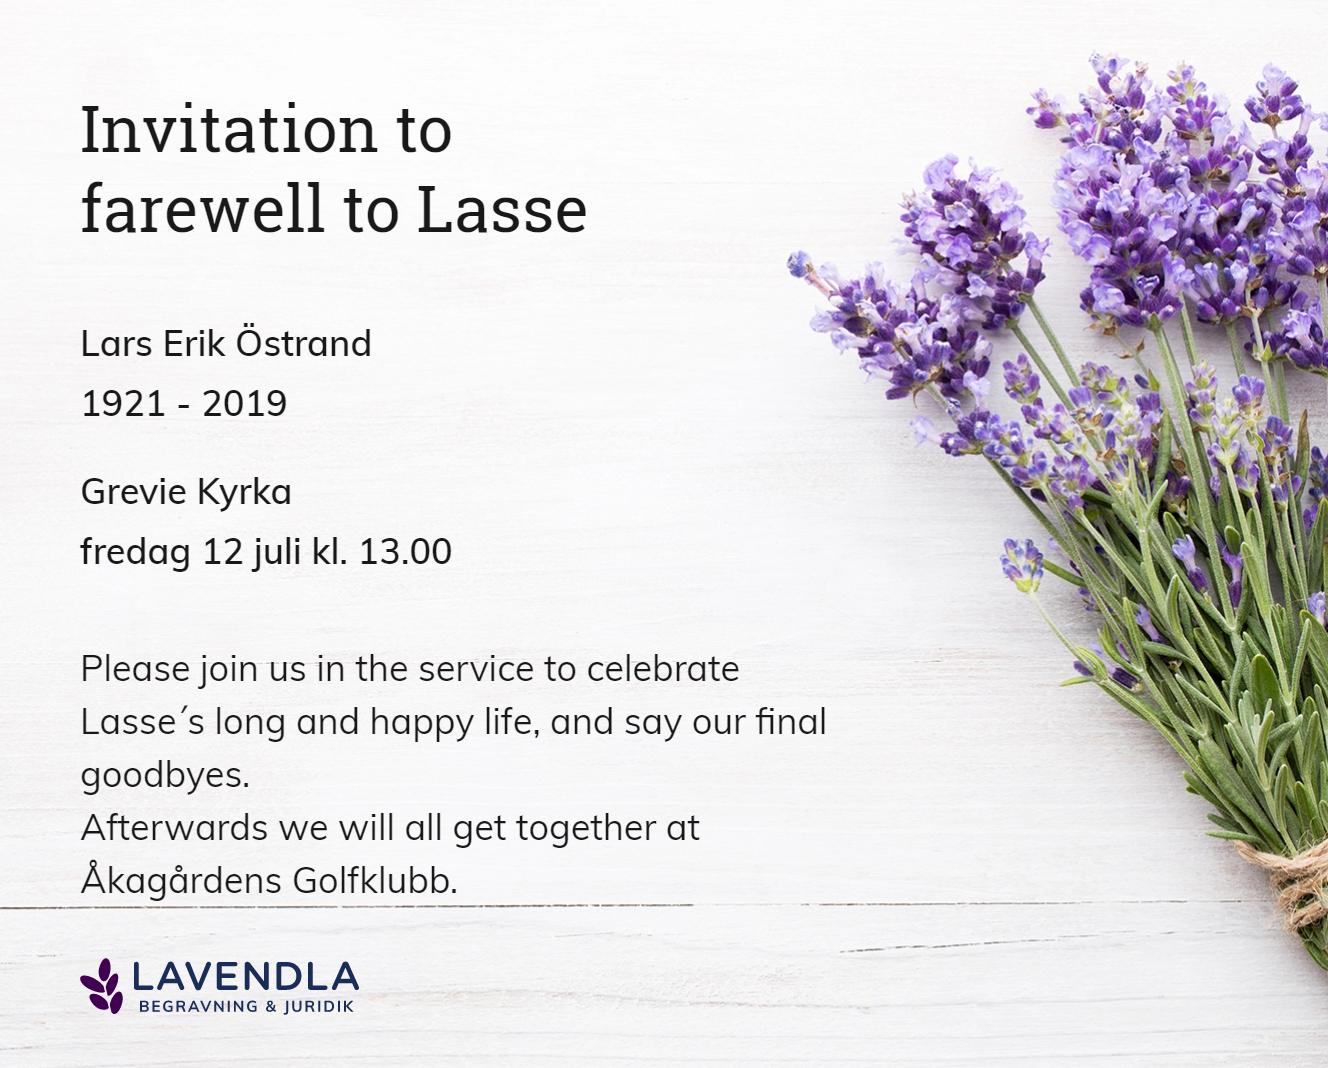 Inbjudningskort till ceremonin för Lars Erik Östrand